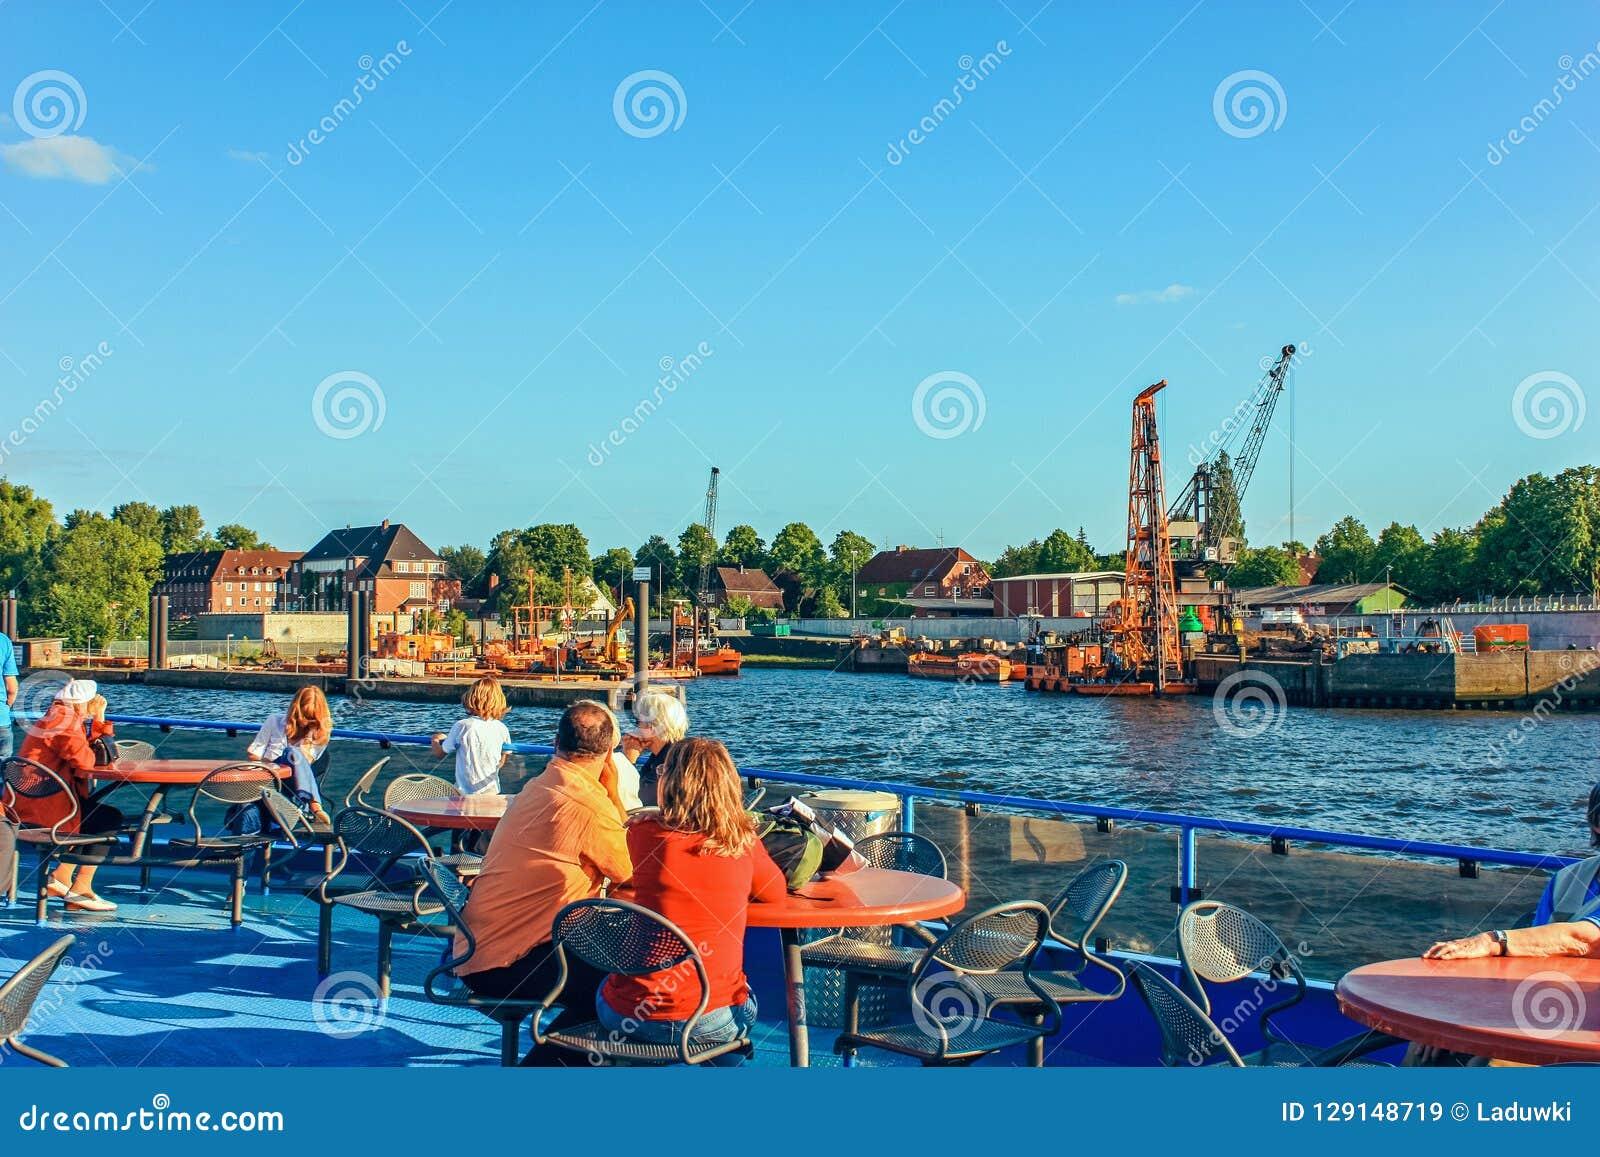 Traghetti di trasporto pubblico del fiume e bus del fiume del passeggero sugli itinerari sul fiume Elba Amburgo Germania